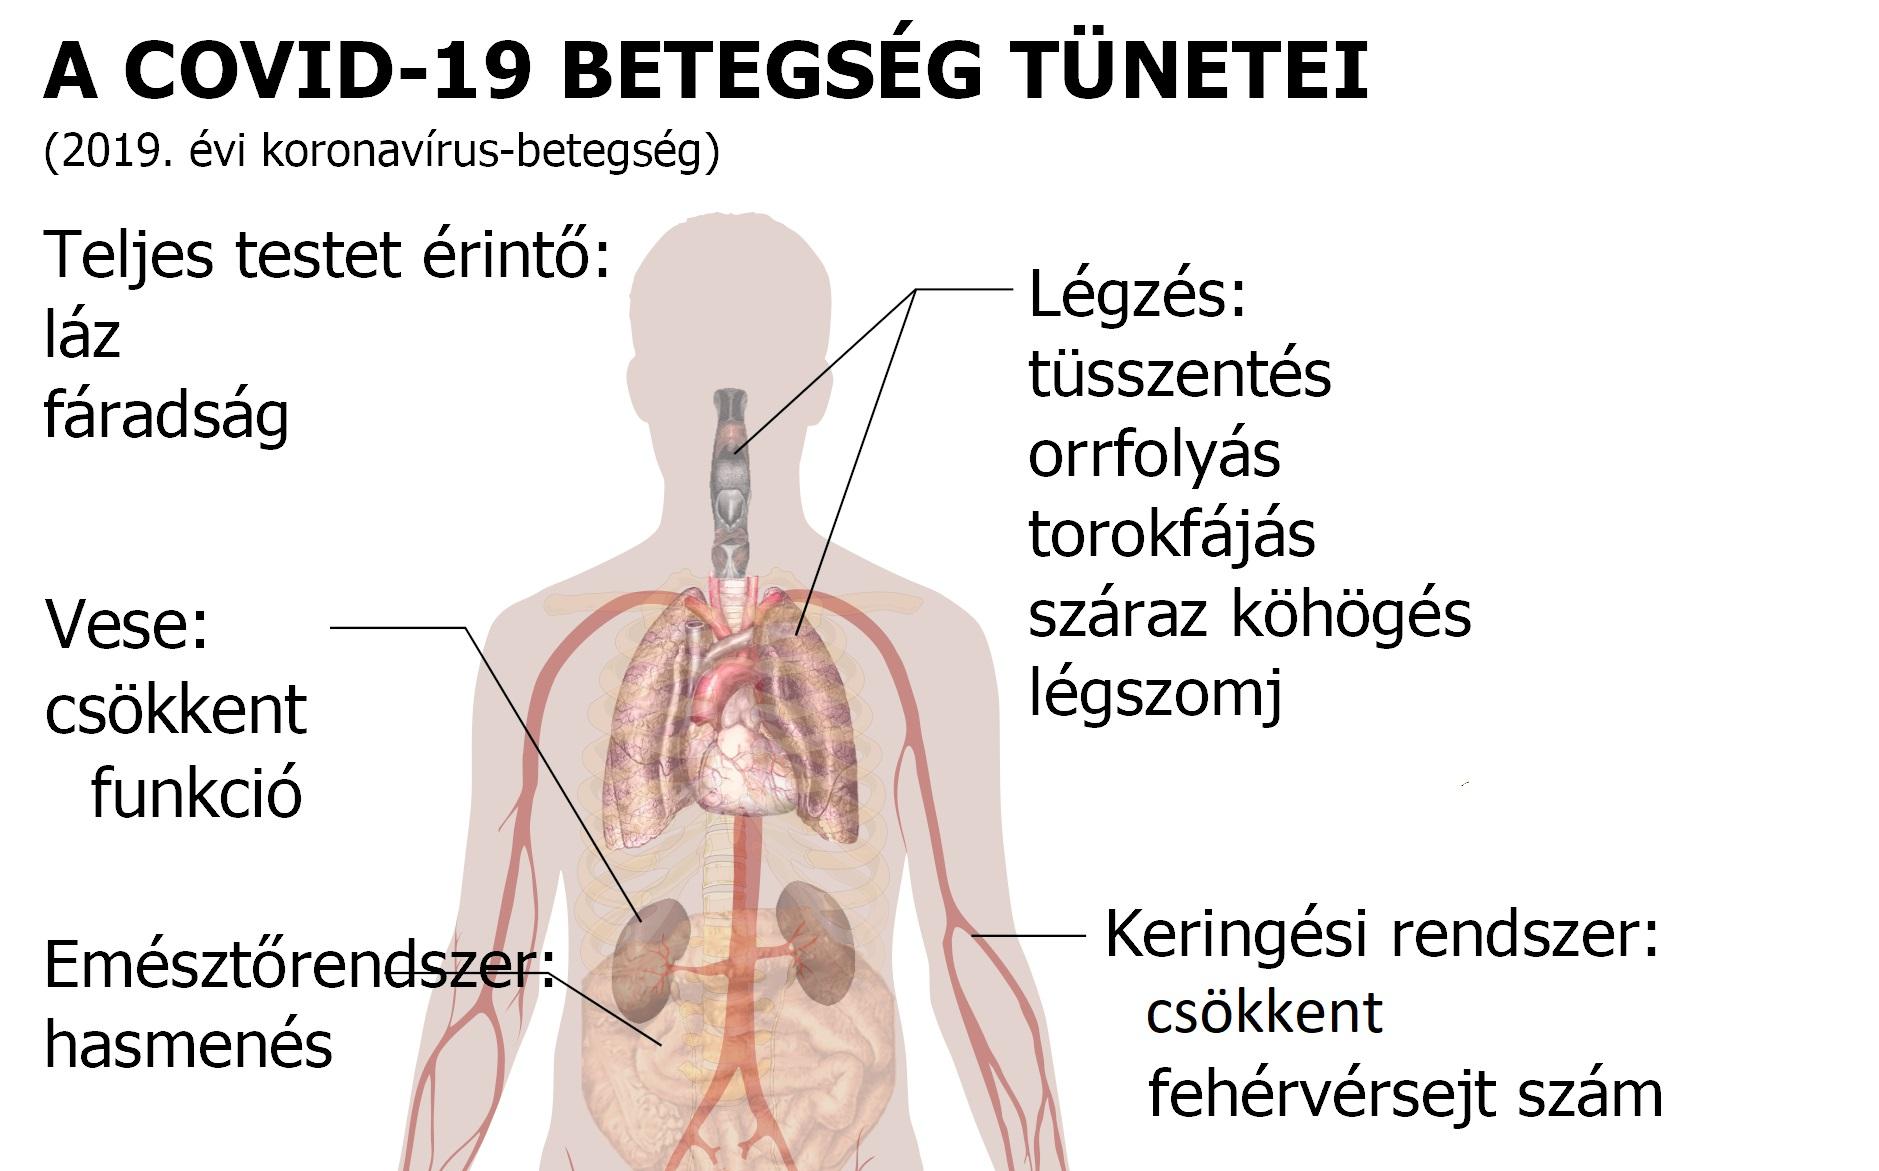 női szervek enterobiosis)